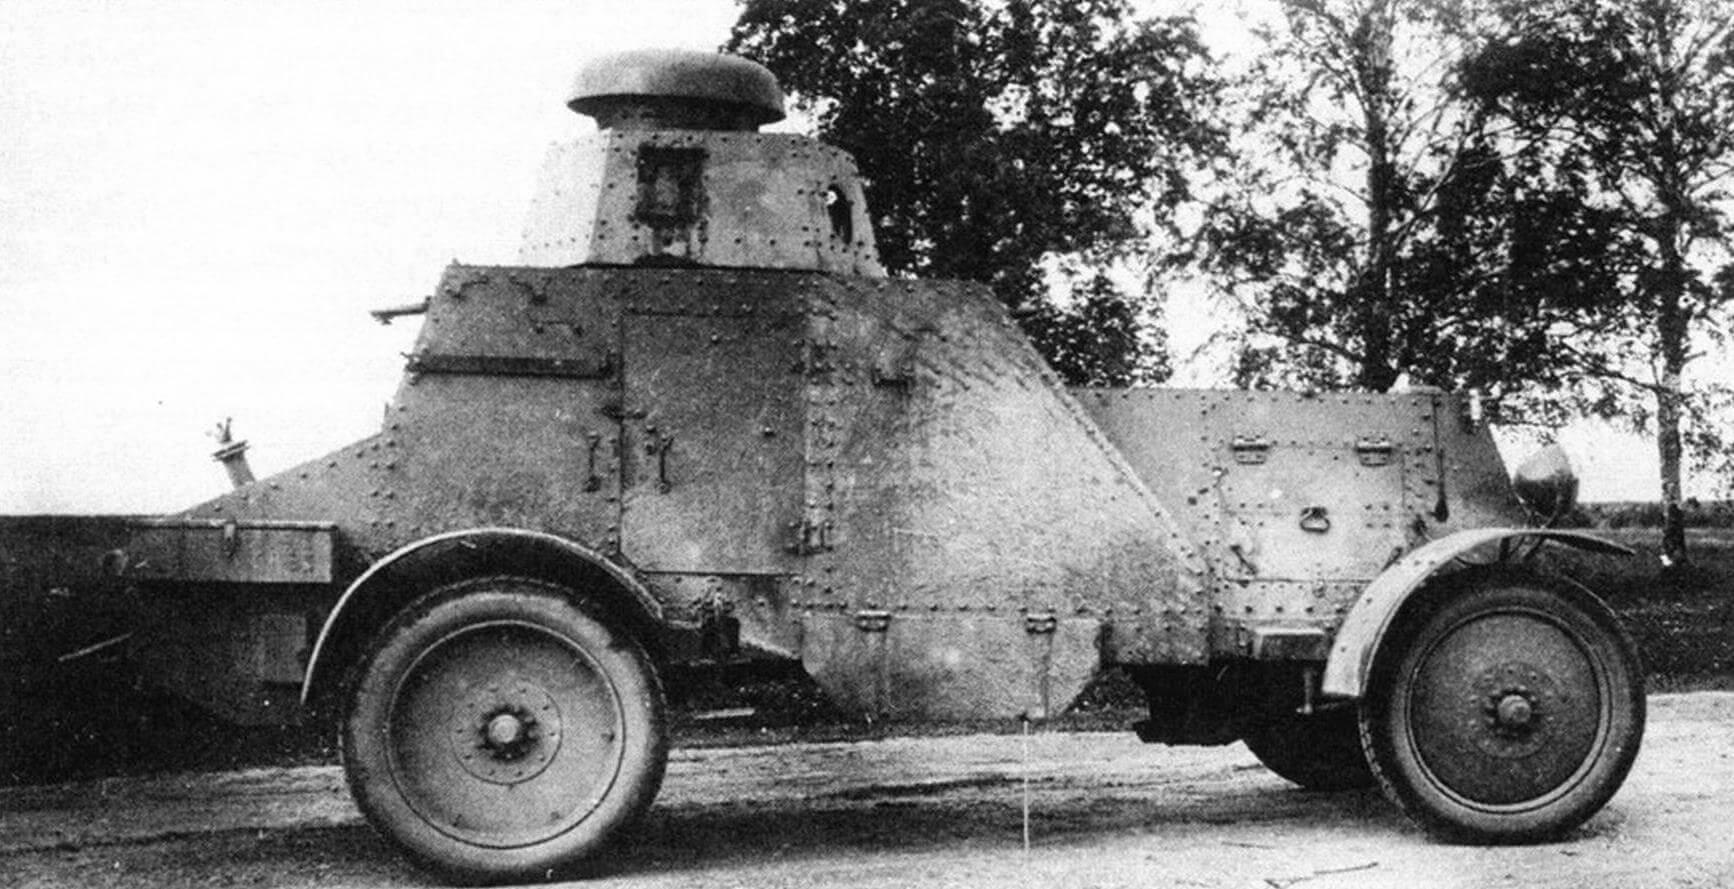 Испытания бронеавтомобиля БА-27 третьей производственной партии. 1930 год